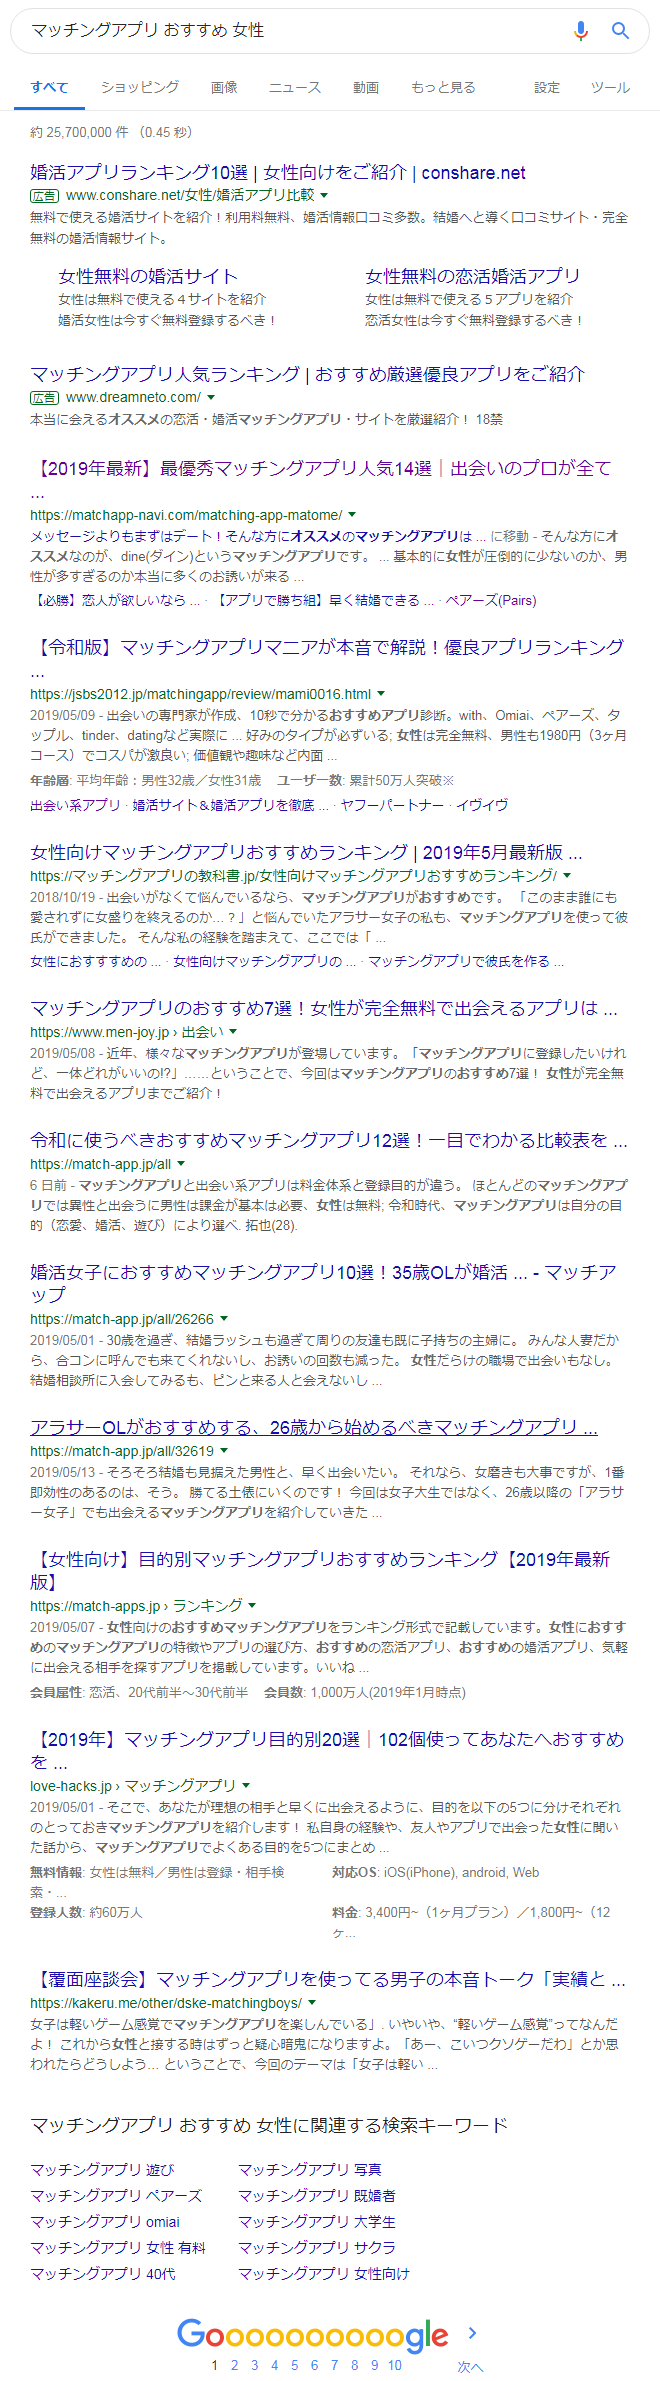 「マッチングアプリ おすすめ 女性」の検索結果